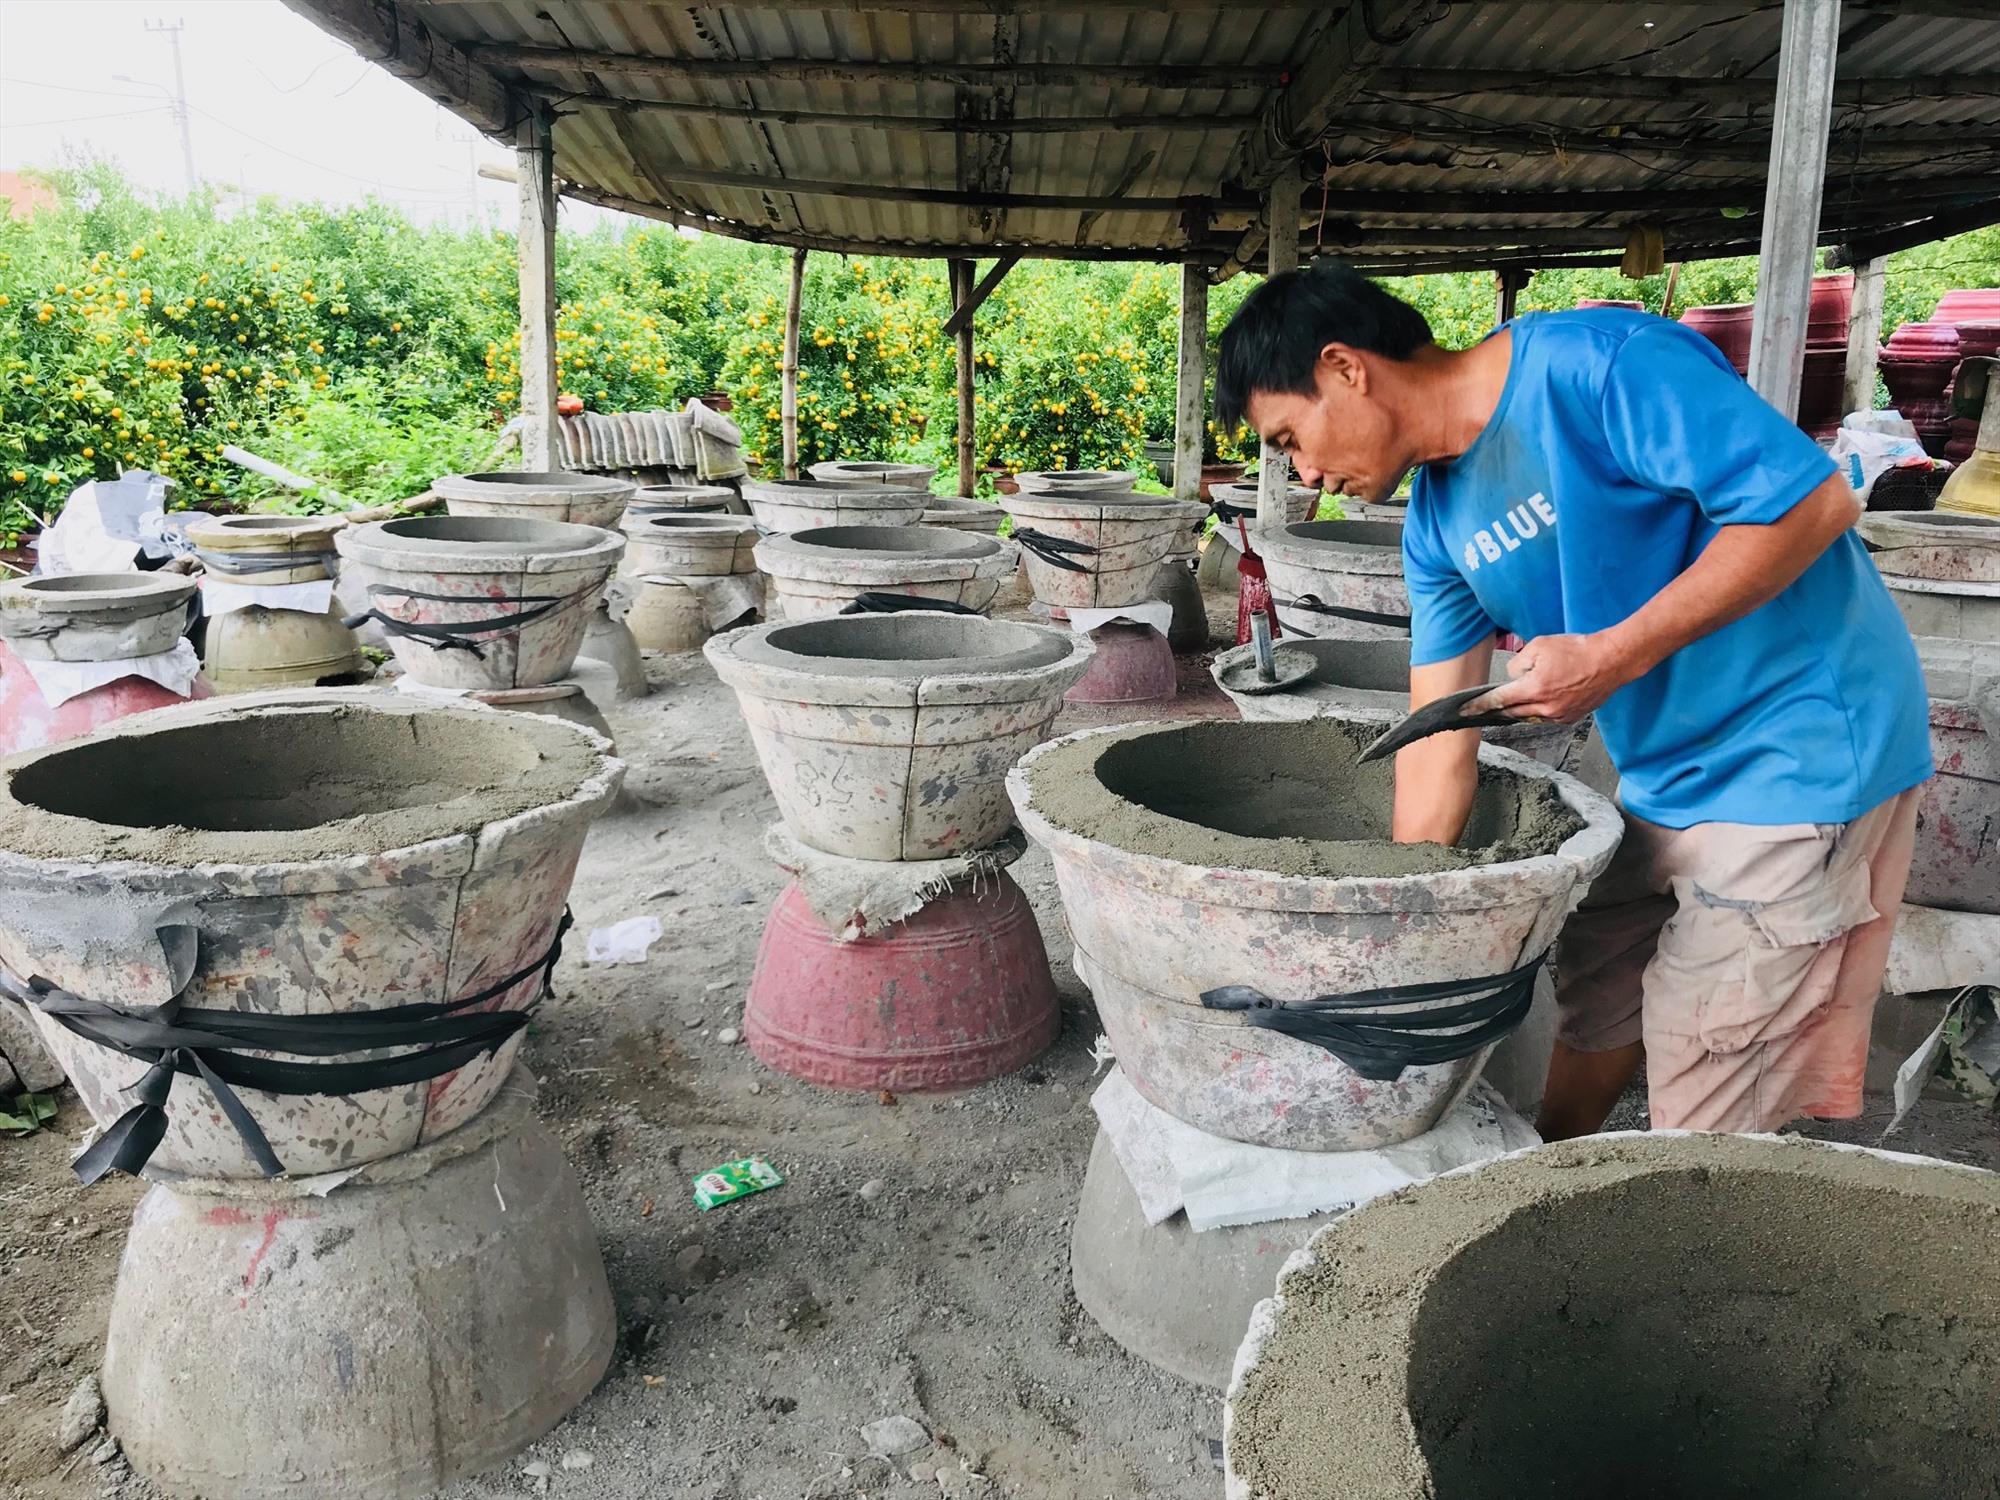 Dự lường được nhu cầu của thị trường suy giảm nên người trồng quật ở Cẩm Hà đã giảm canh tác hơn 10 nghìn chậu nhưng đơn đặt hàng vẫn èo uột. Ảnh: Q.T